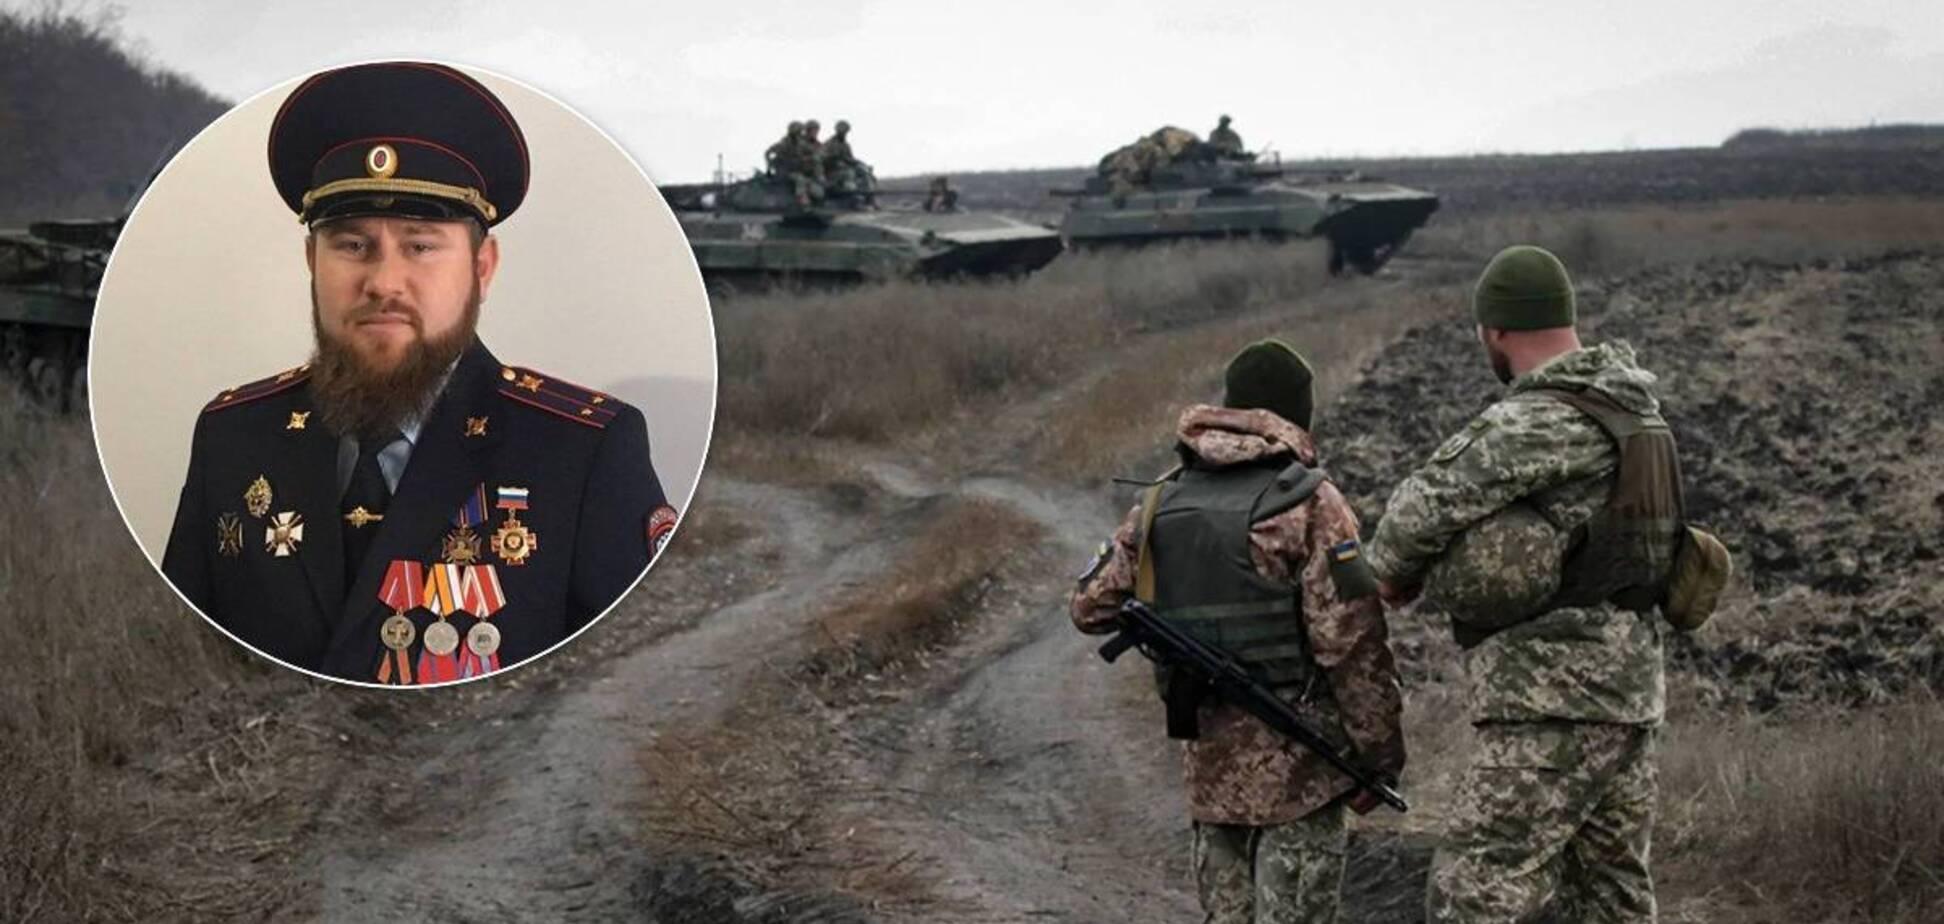 Боєць полку Кадирова проговорився, що воював проти України. Фото